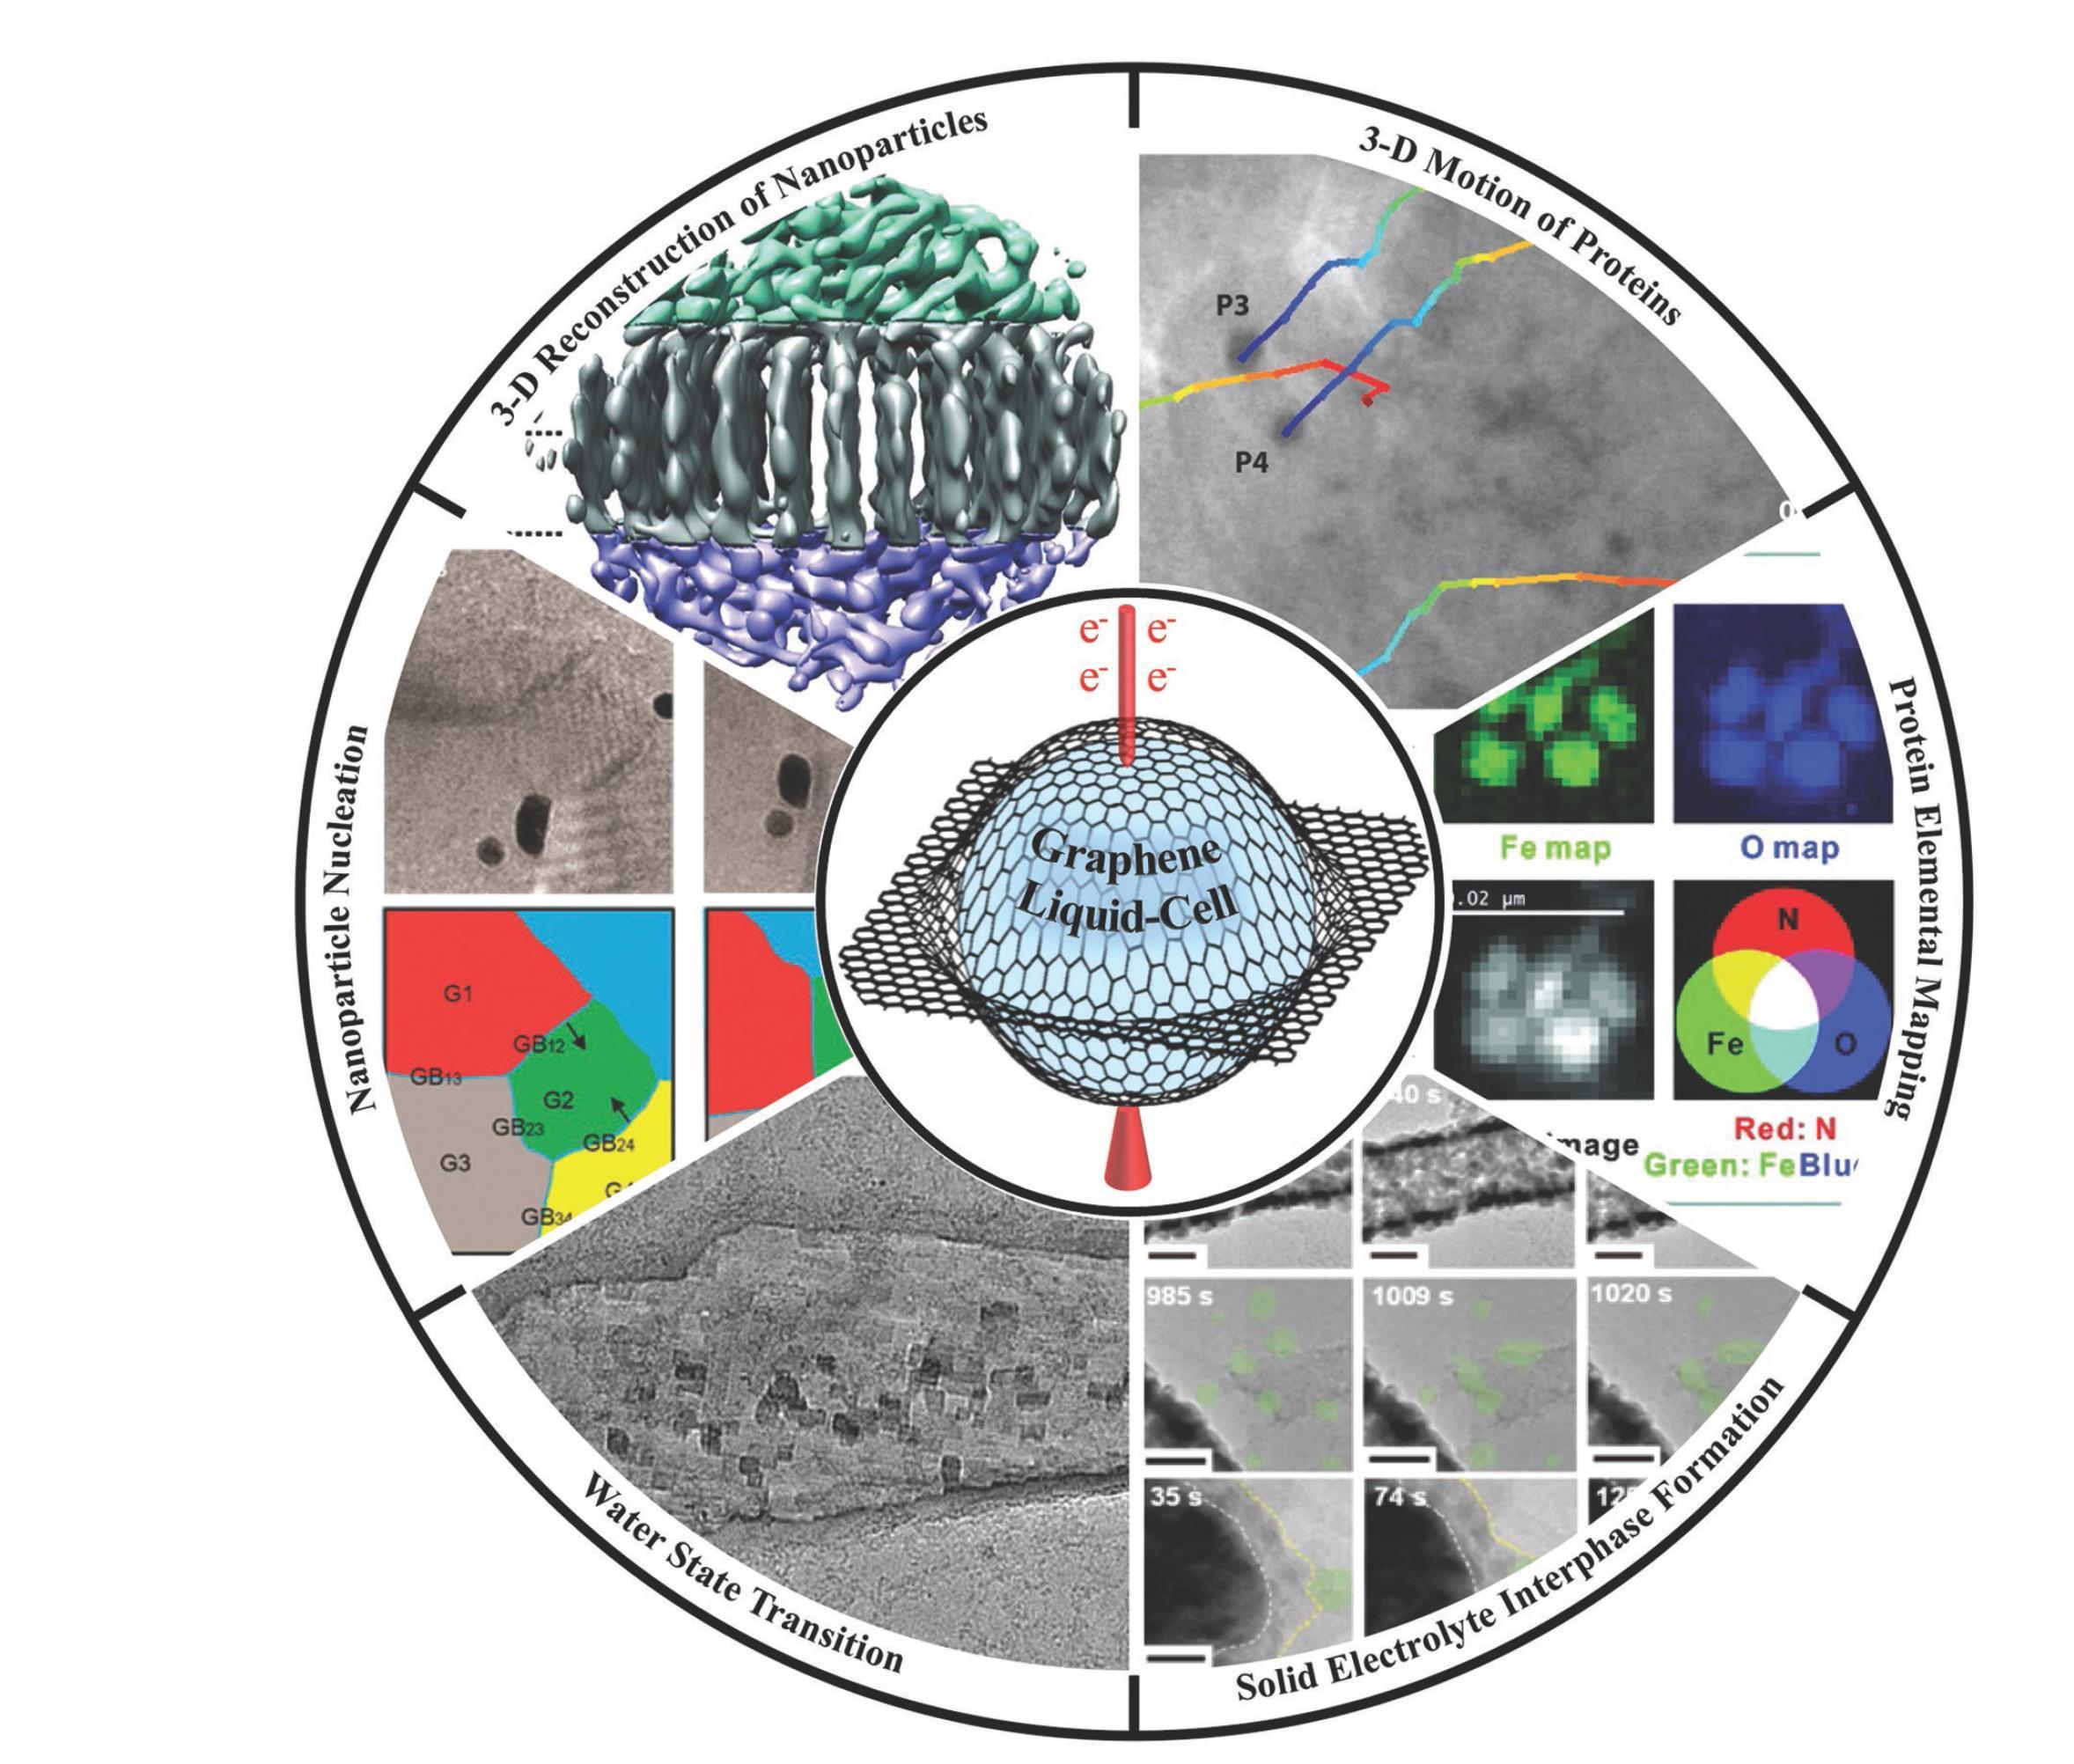 Small Methods:石墨烯液体池电子显微学研究进展:工作原理、机遇与挑战